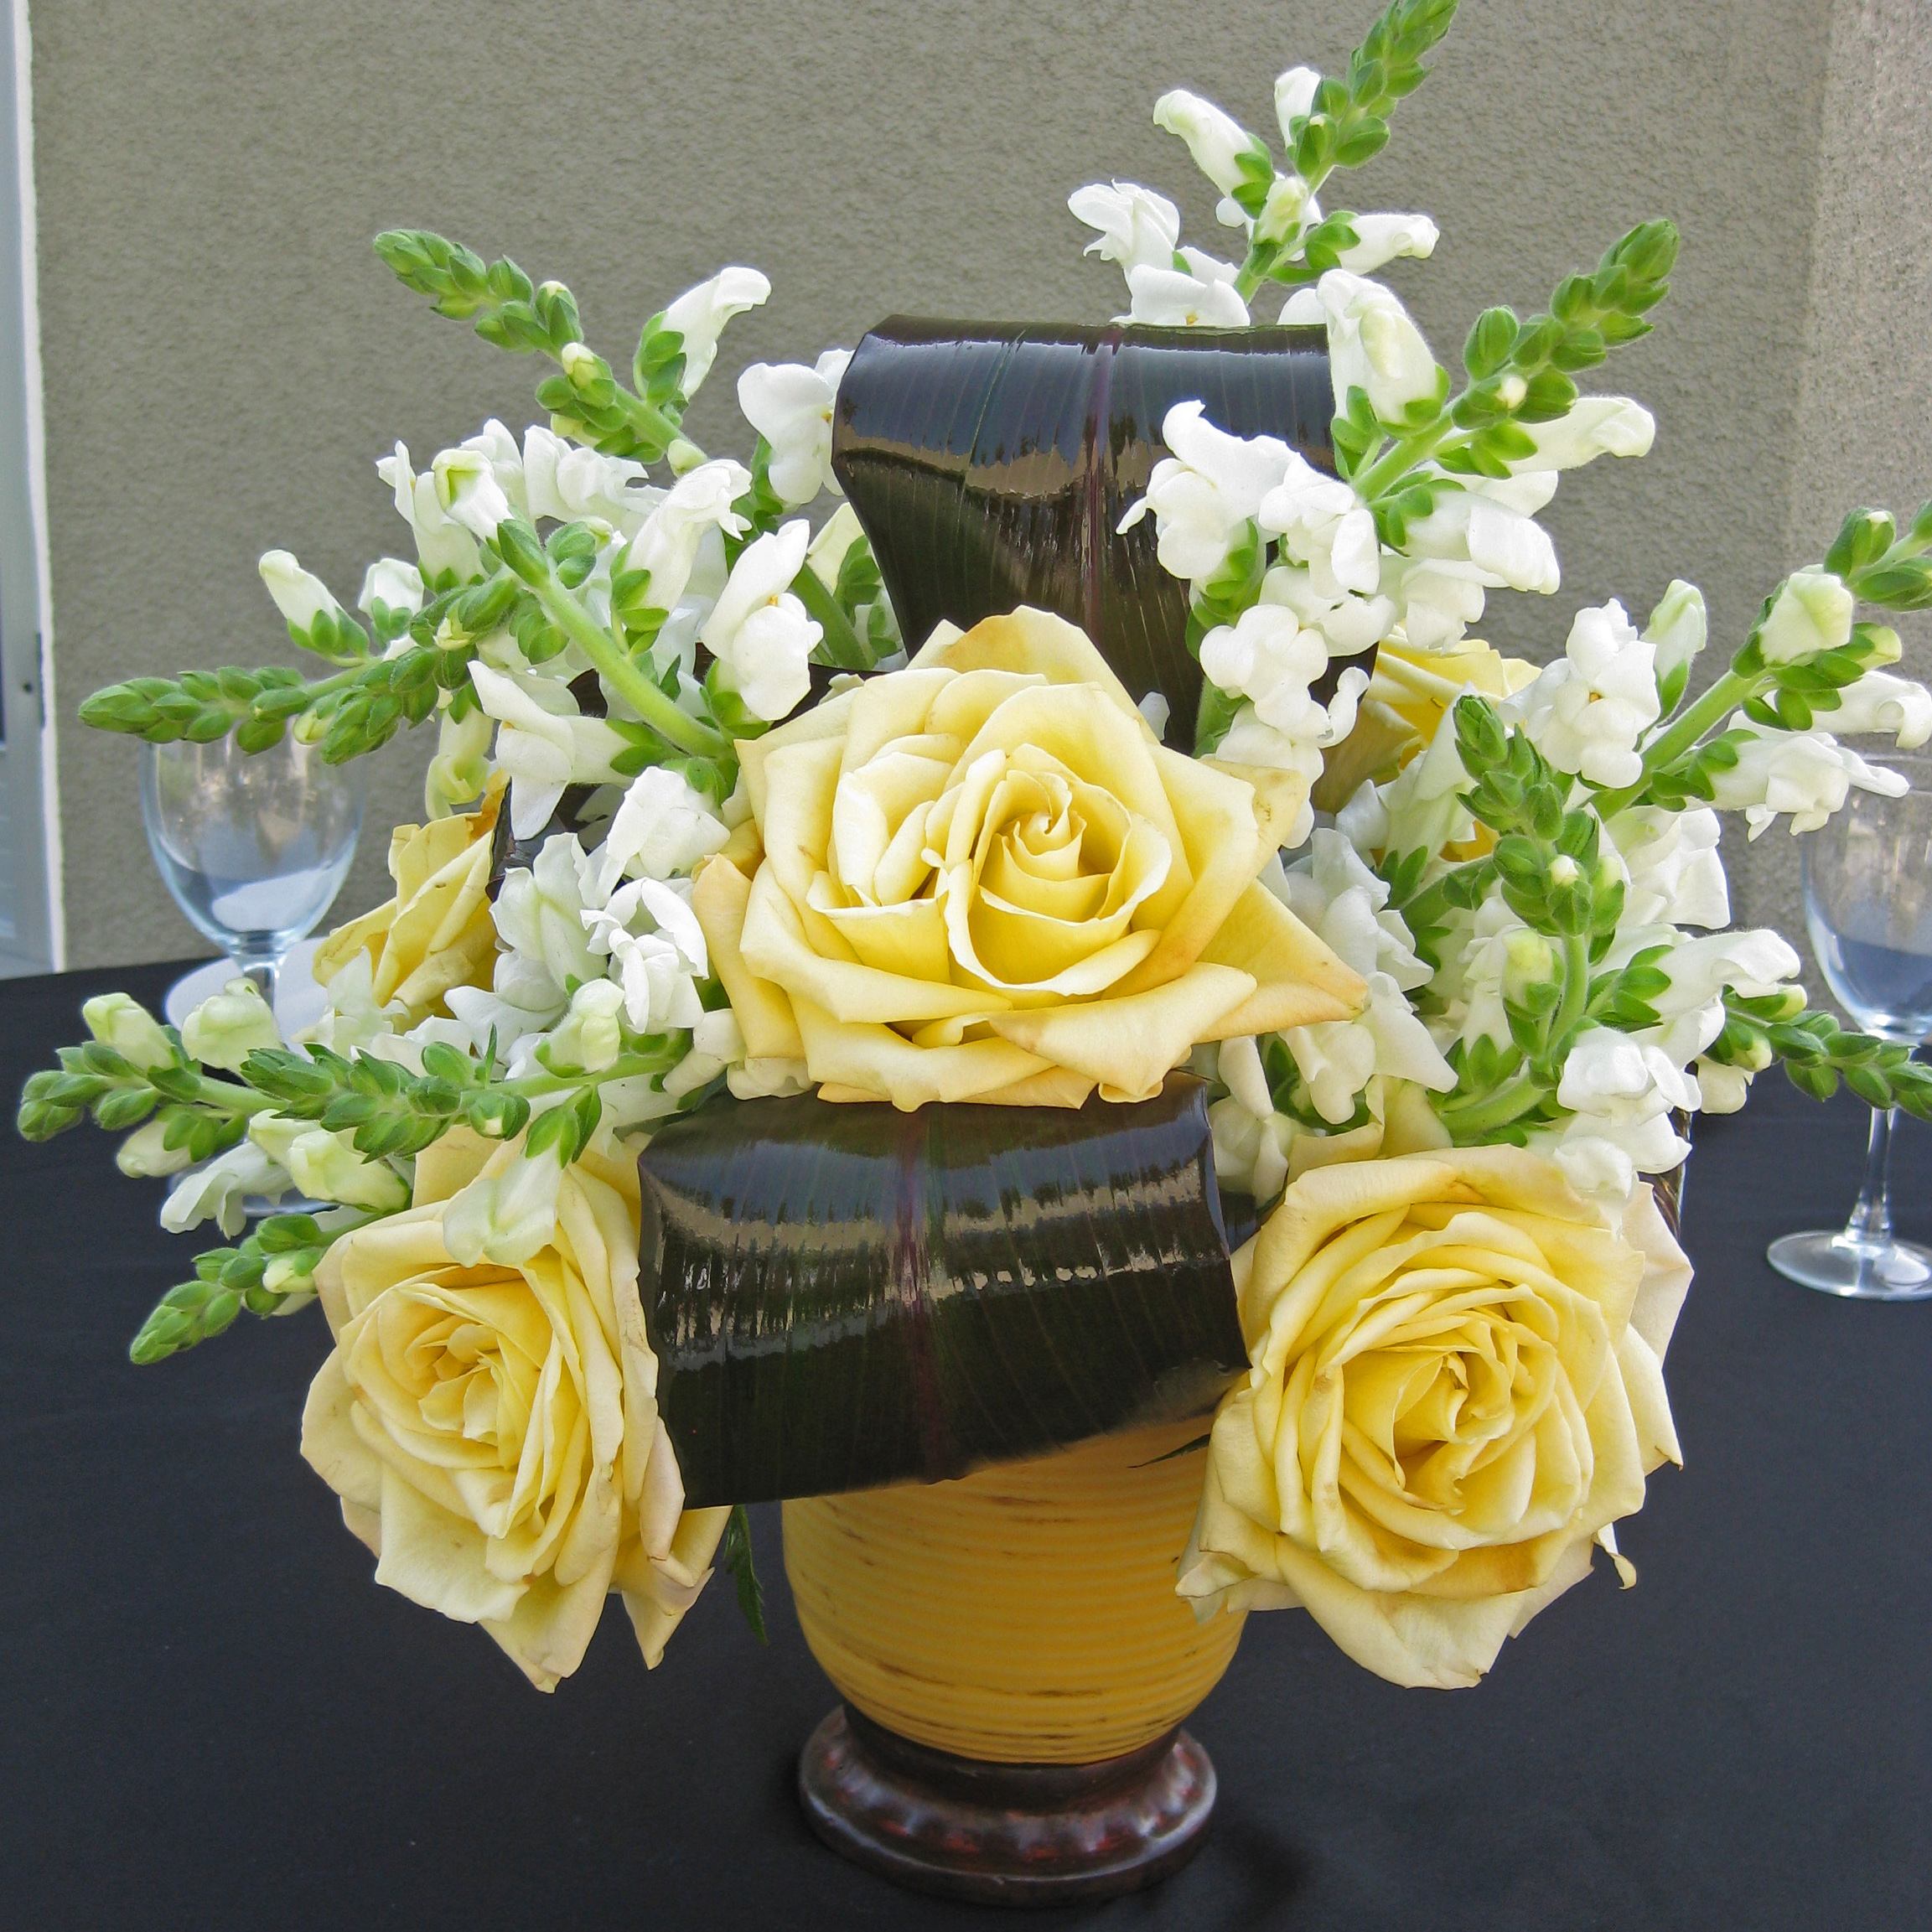 Compact arrangements floral design by jacqueline ahne s